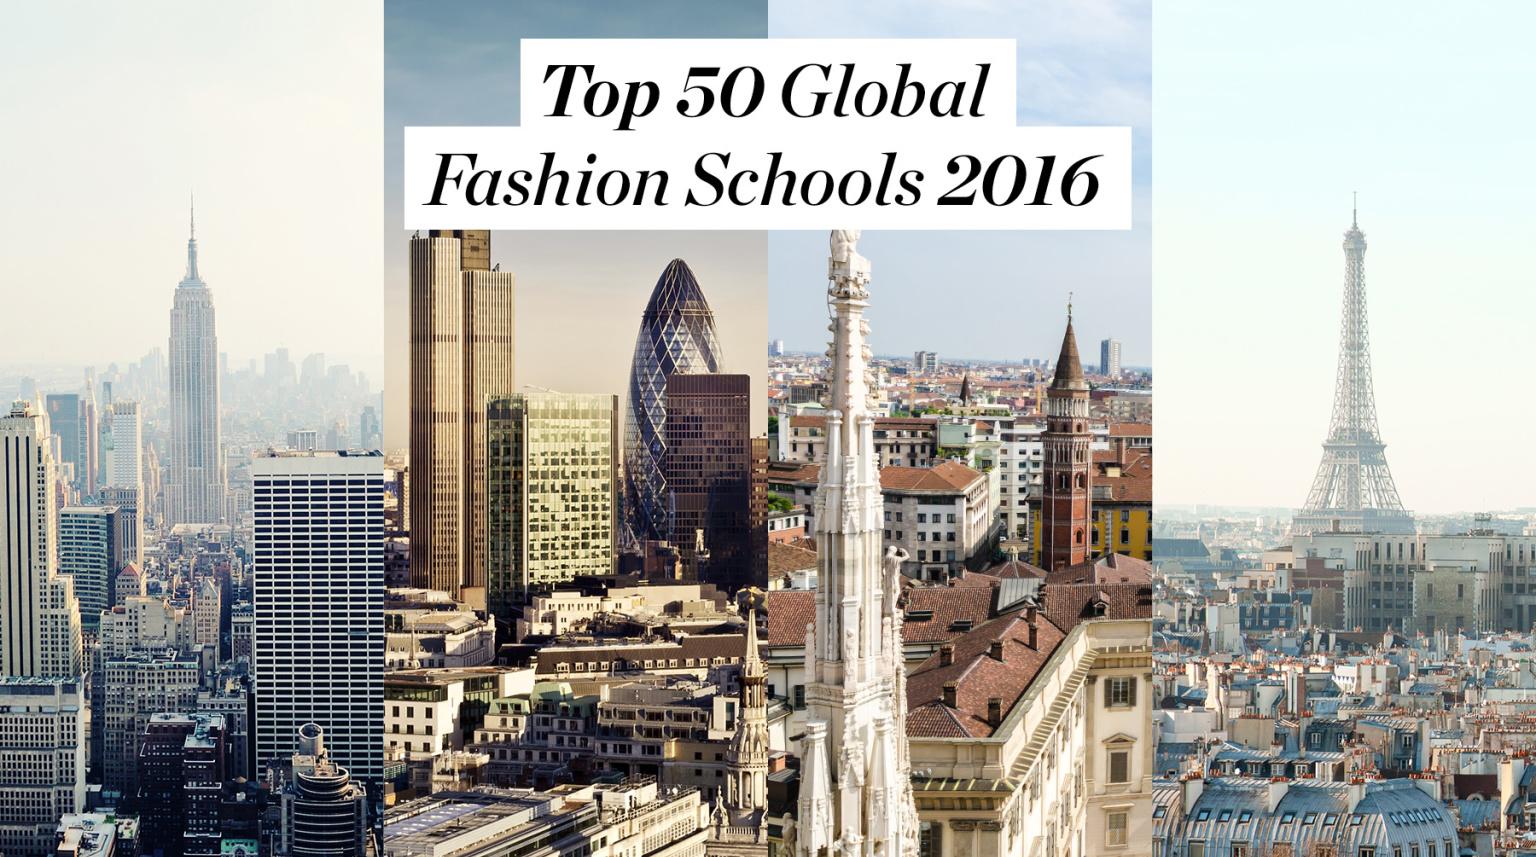 As melhores escolas de moda do mundo!